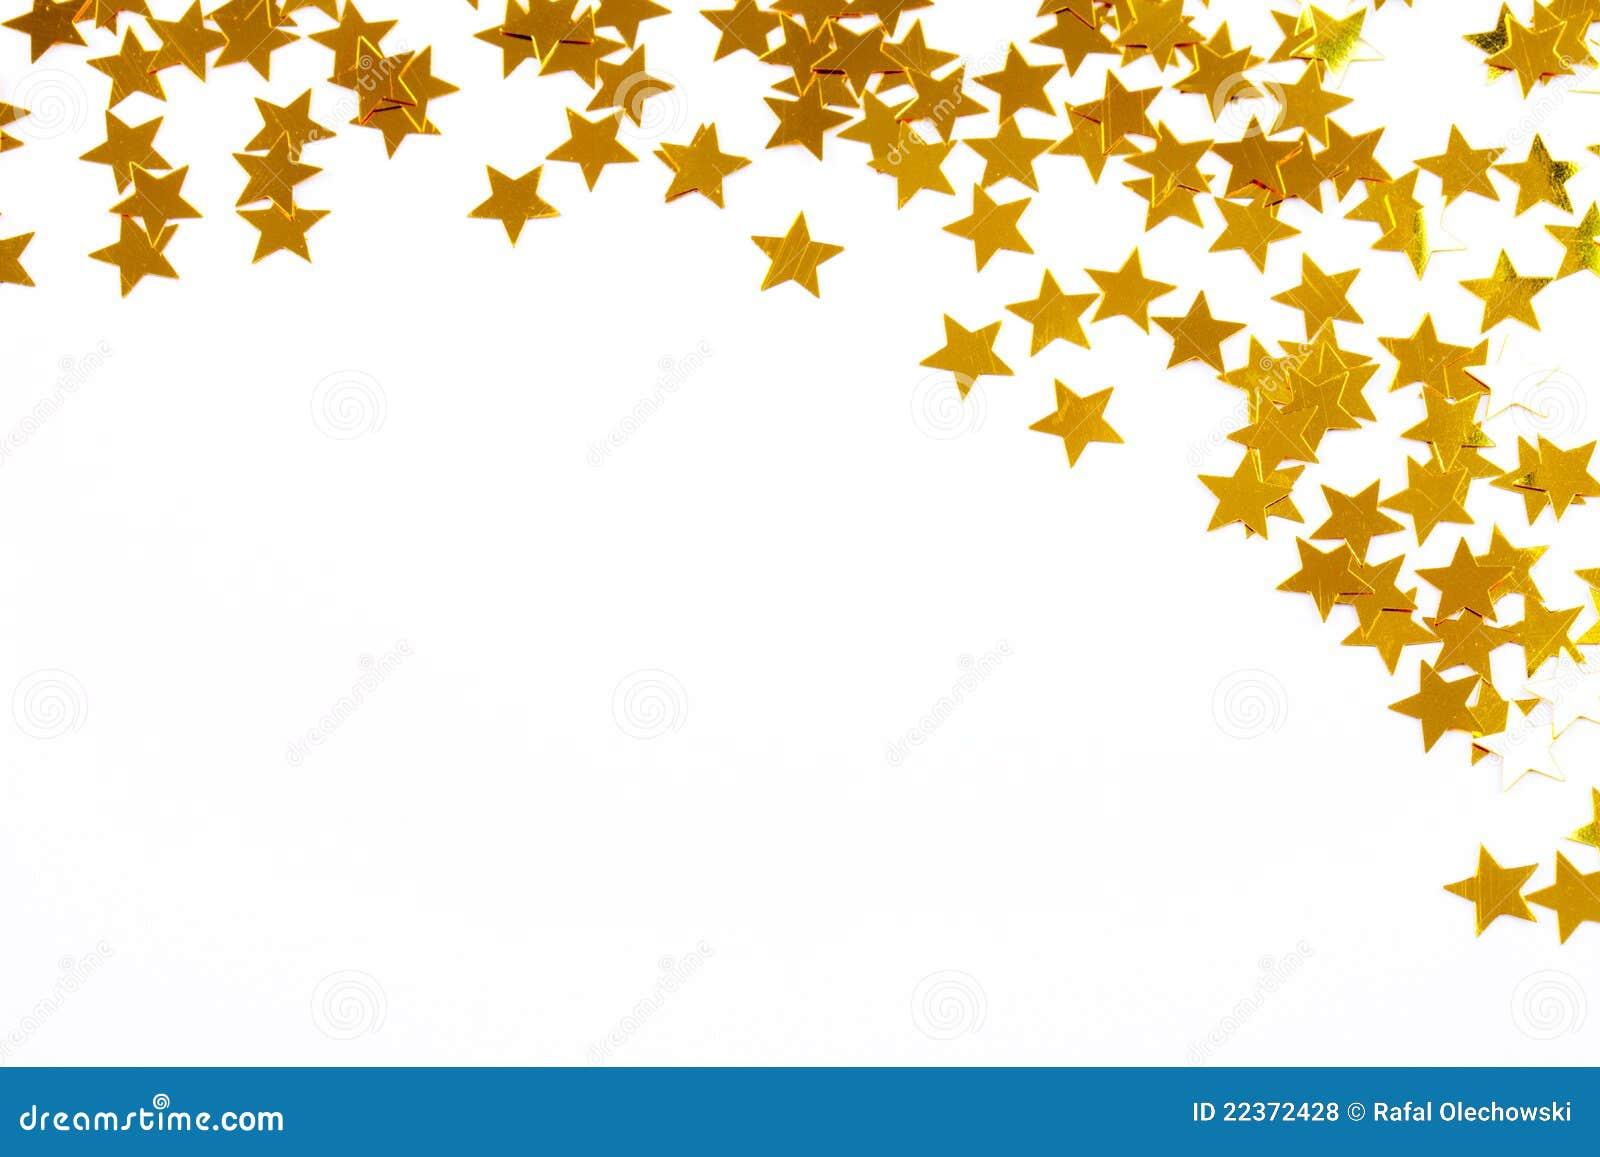 D coration de no l des toiles d 39 or de confettis photos libres de droits - Decoration etoile de noel ...